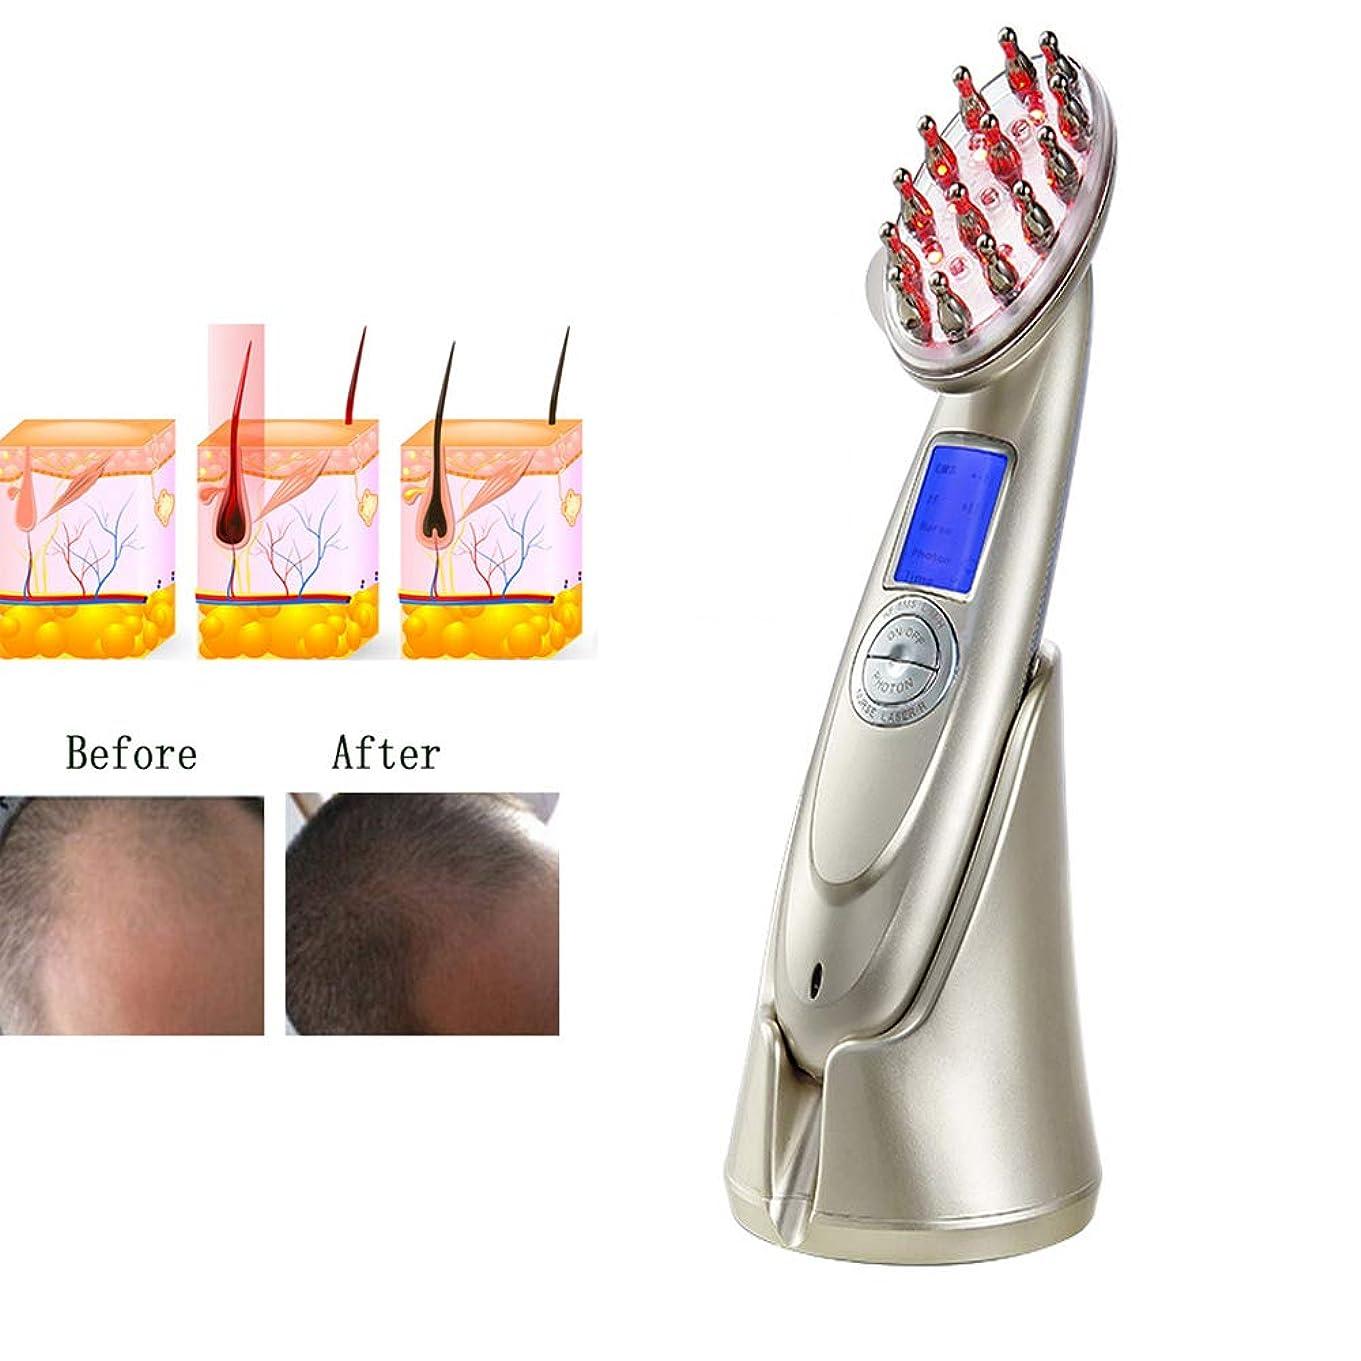 排泄物バース水プロの電気髪の成長レーザー櫛 RF EMS LED 光子光療法ブラシ抗脱毛治療マッサージの健康胚ブラシをアップグレードします。